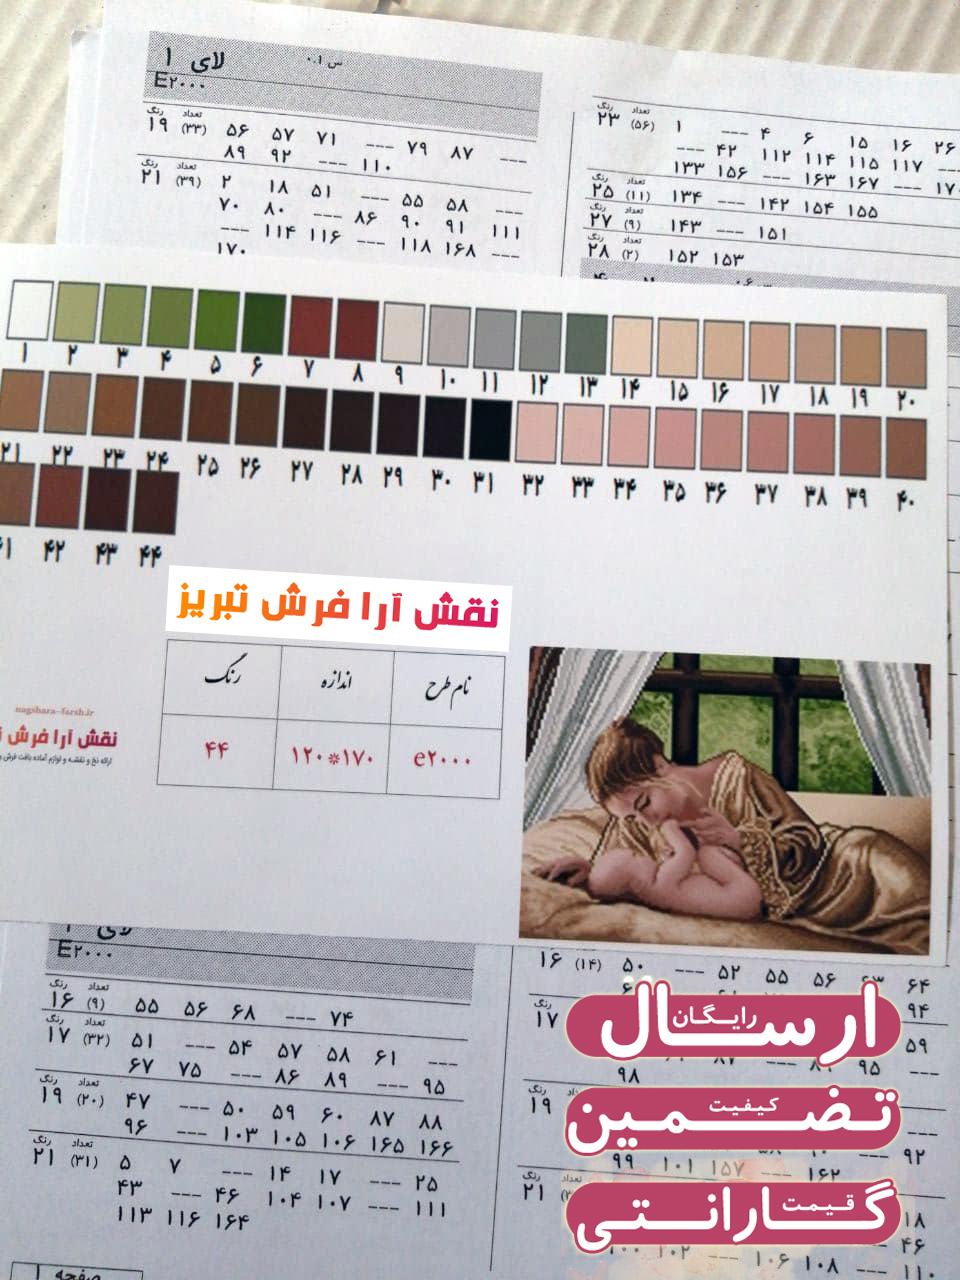 خرید آنلاین نخ و نقشه بافت تابلو فرش مهر مادری از تبریز